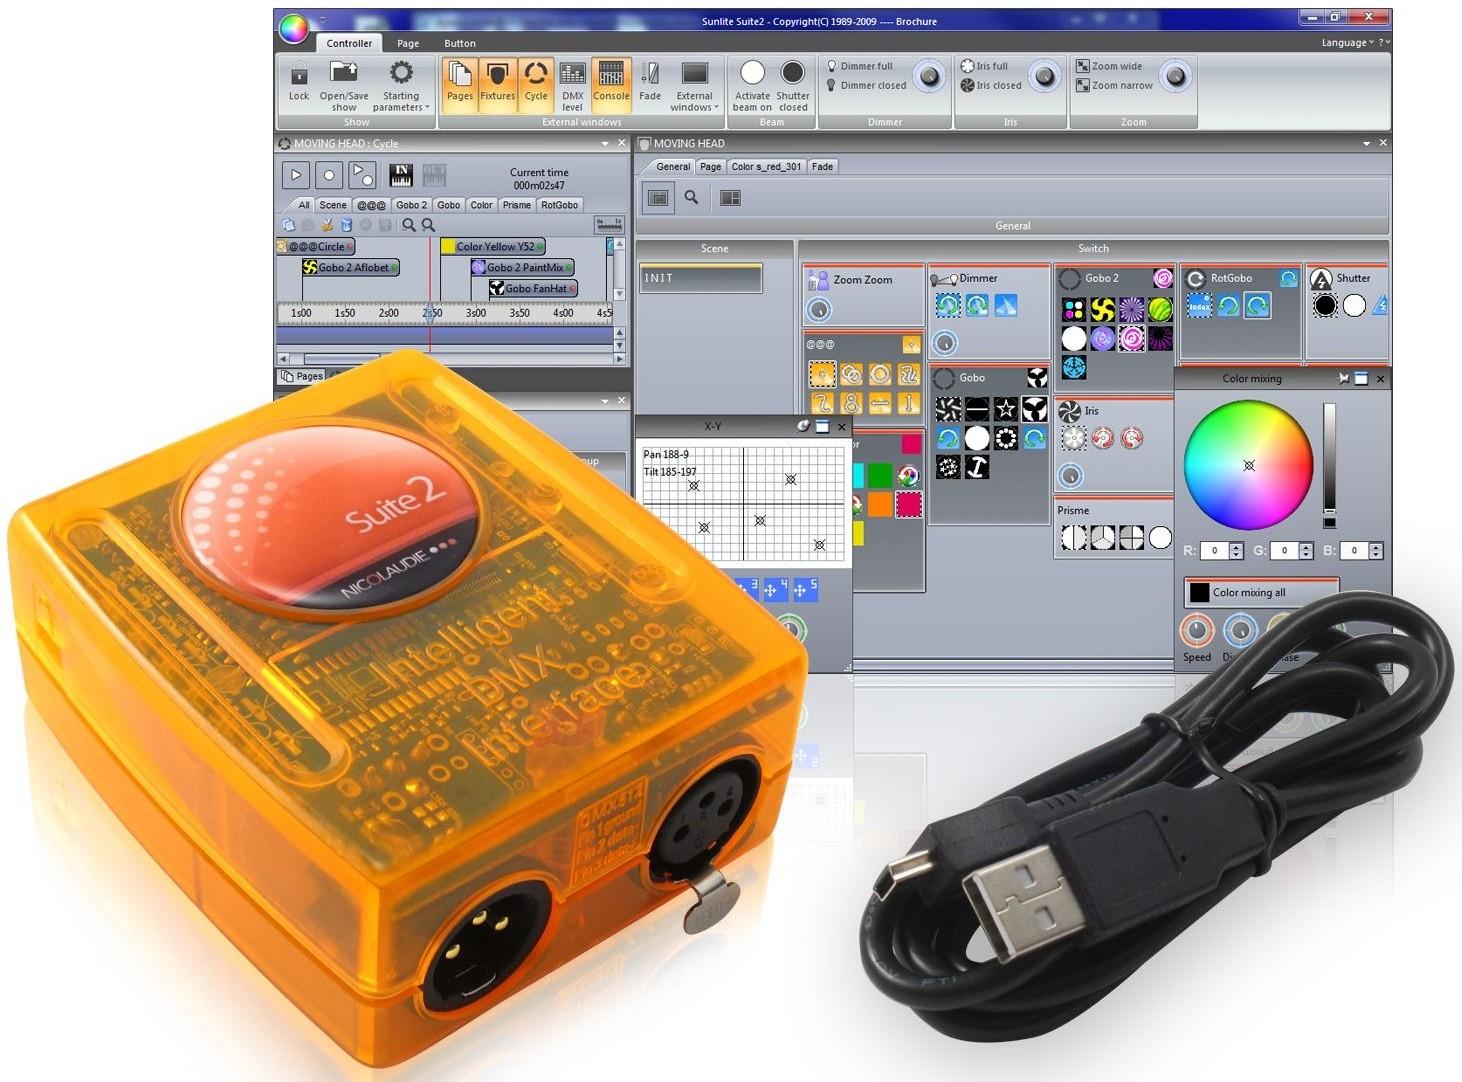 DMX-контроллер Sunlite Suite2-FC (Ethernet Outs - 4X512)